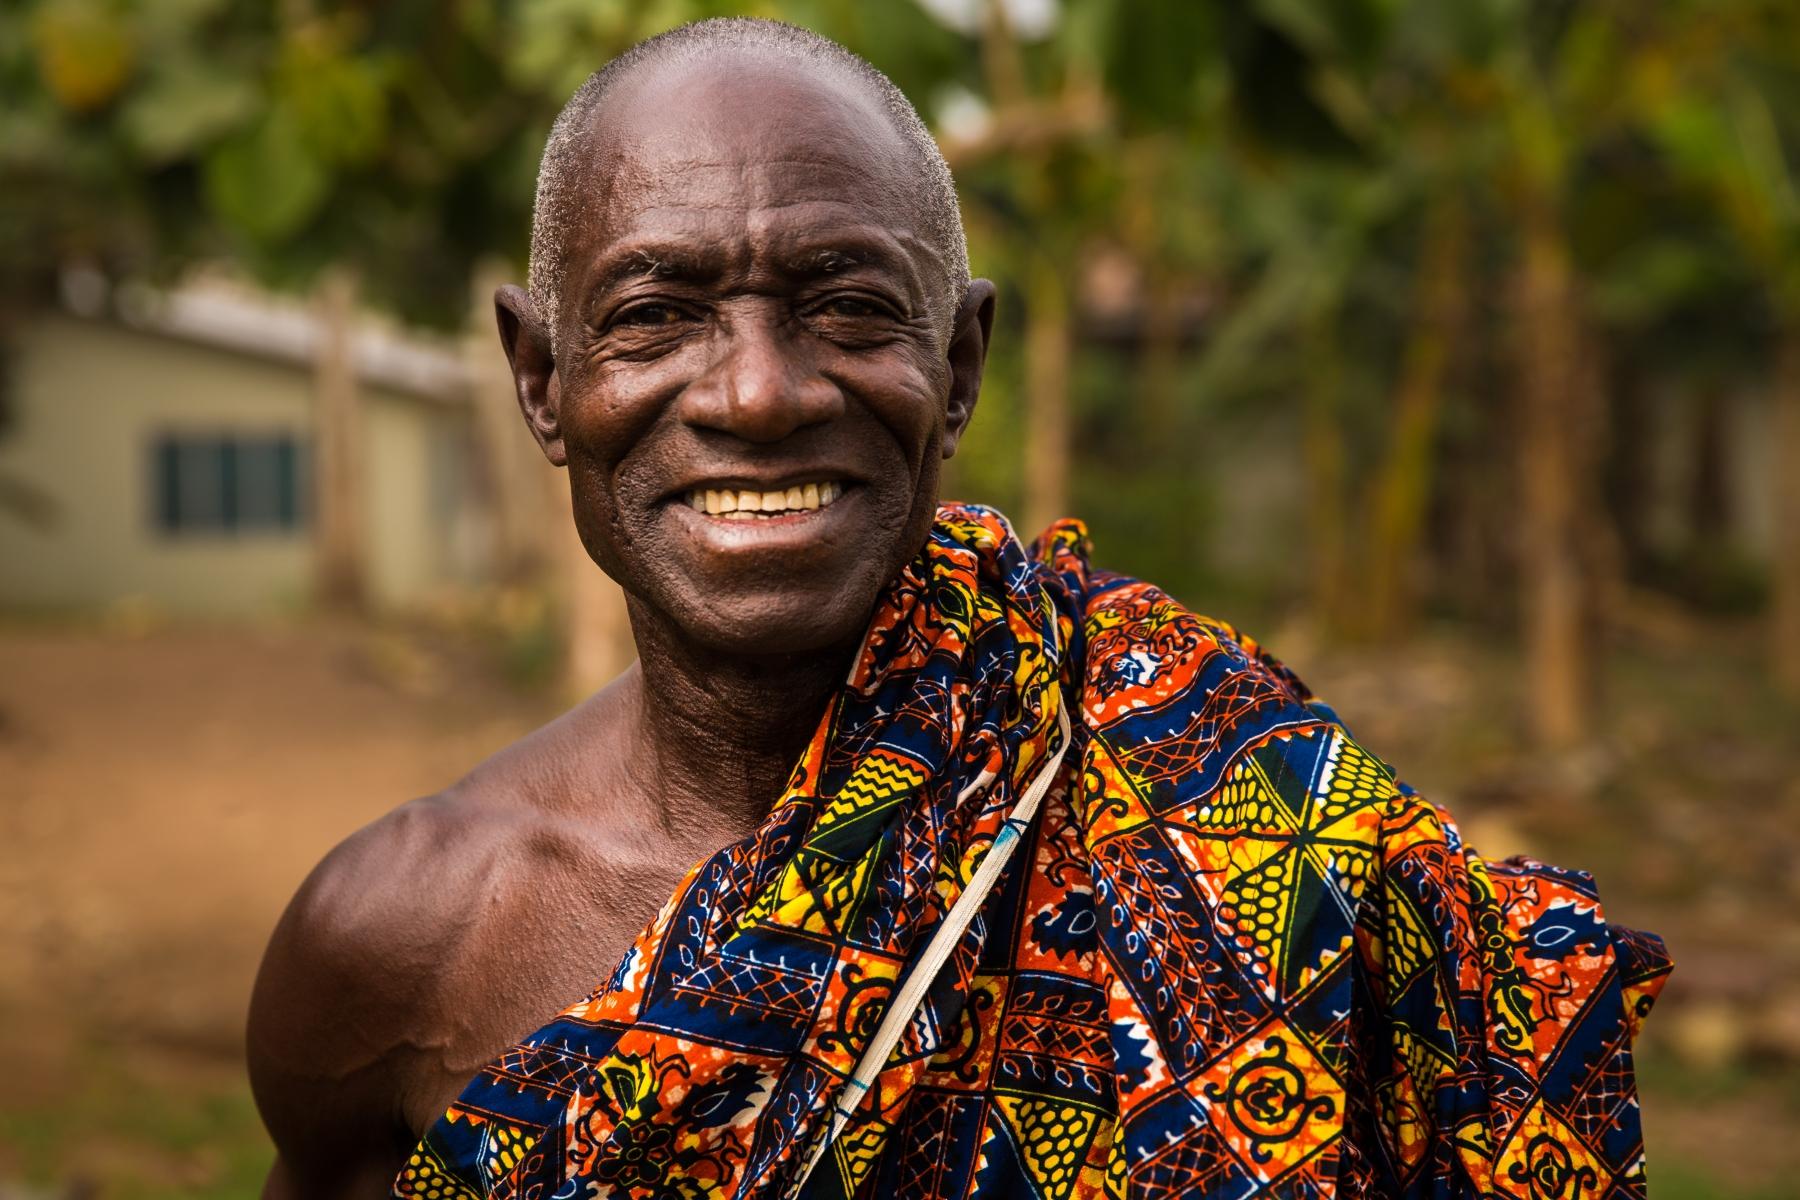 © Steffen Jensen | Han var egentlig på vej til begravelse. Yaw Seth i landsbyen Nnudu i Ghana.